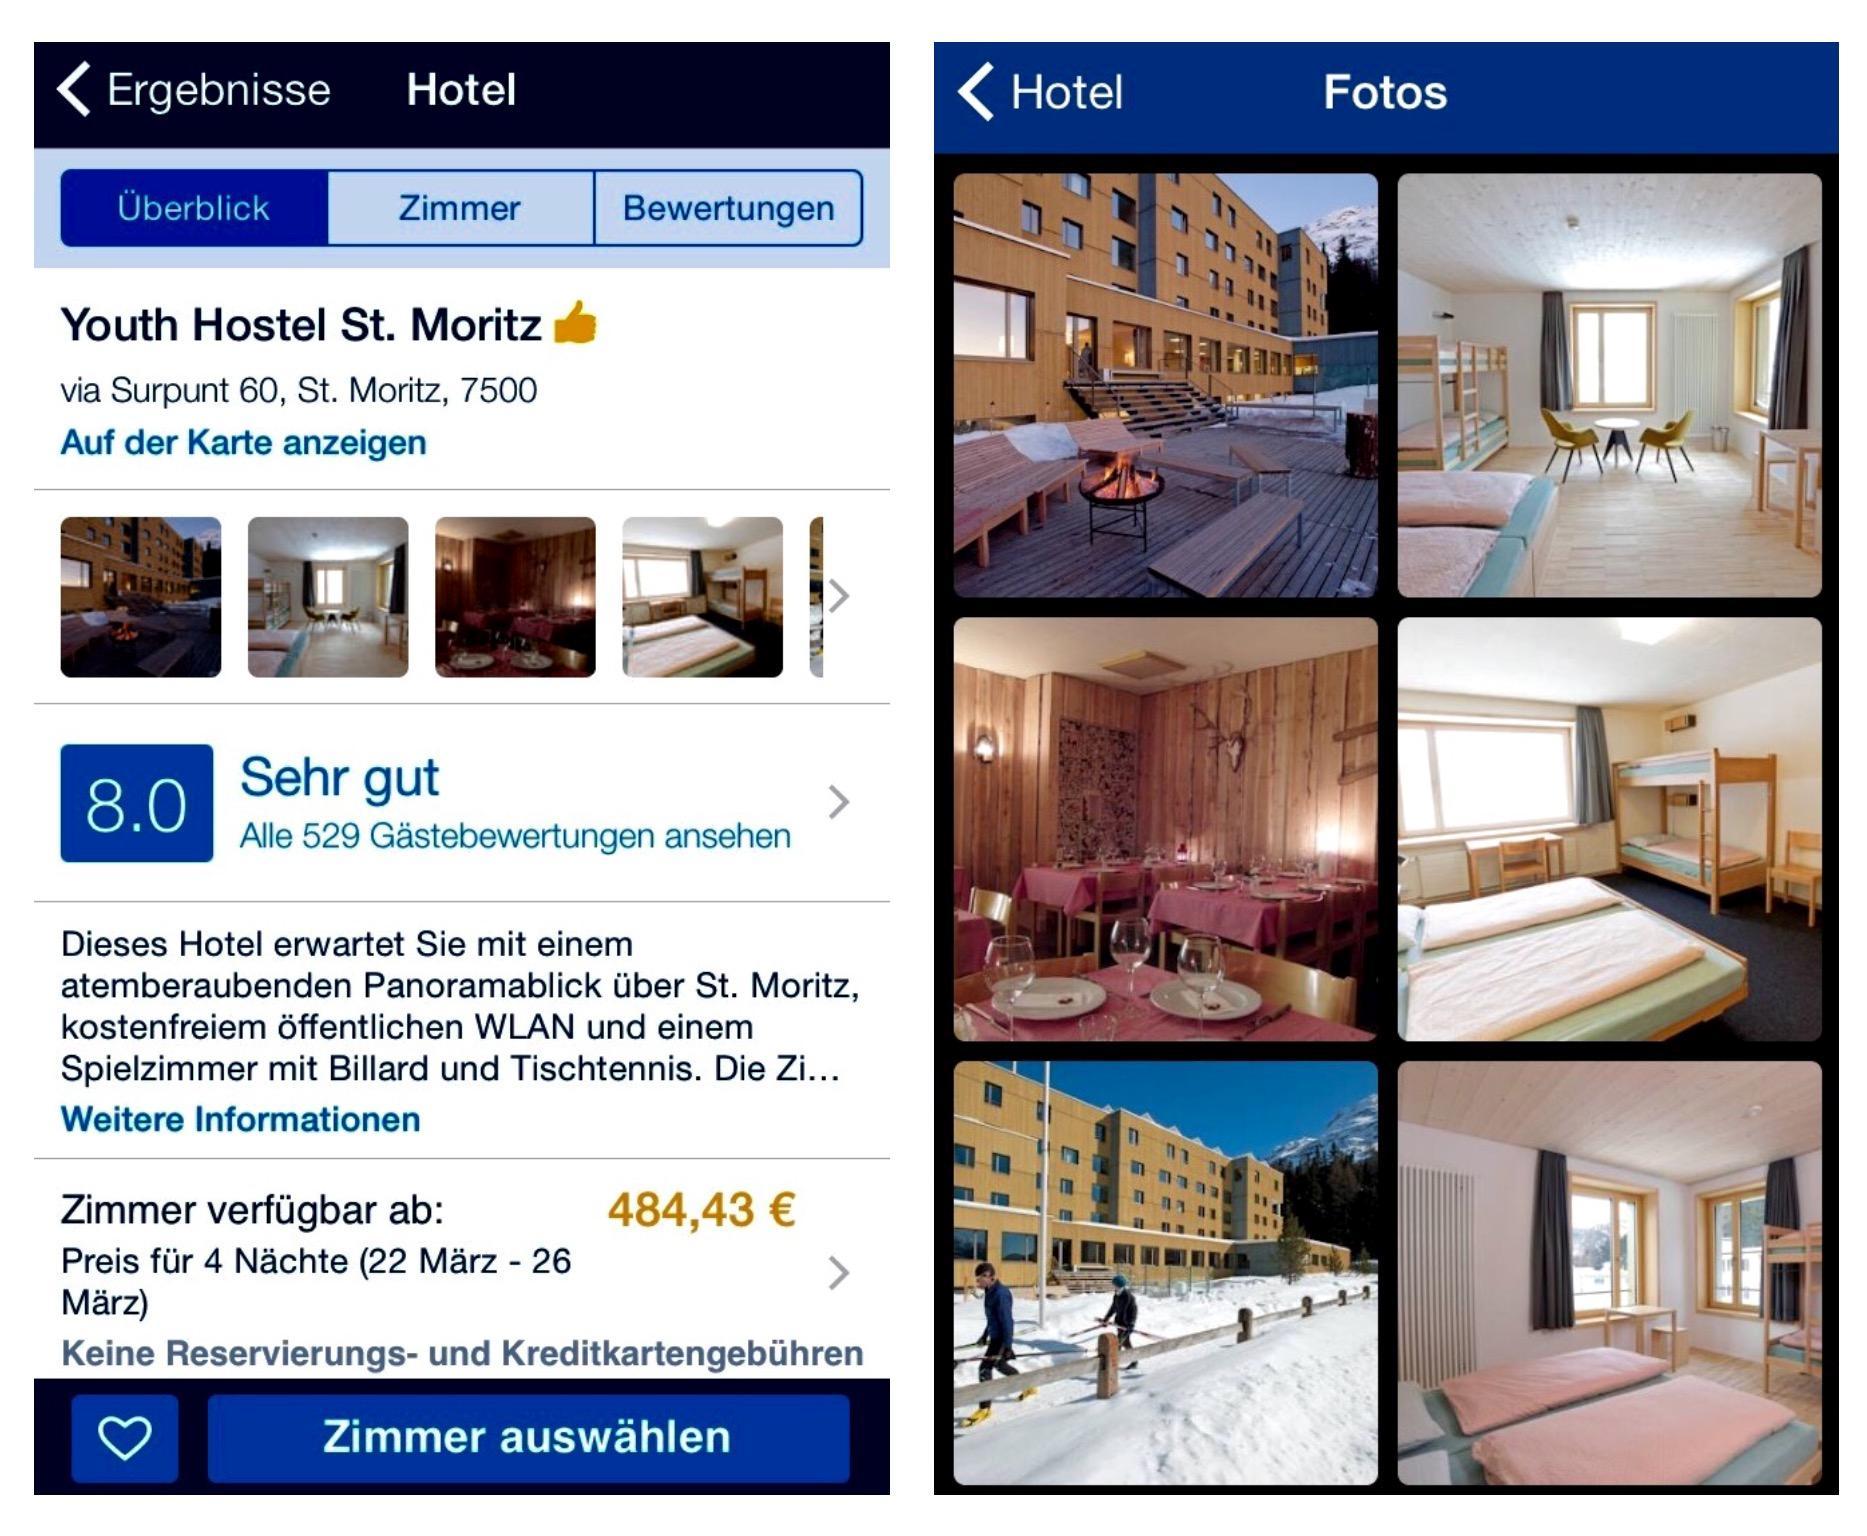 Reisen St. Moritz günstig preiswert Sparfuchs übernachten Tipps Tricks Skiurlaub